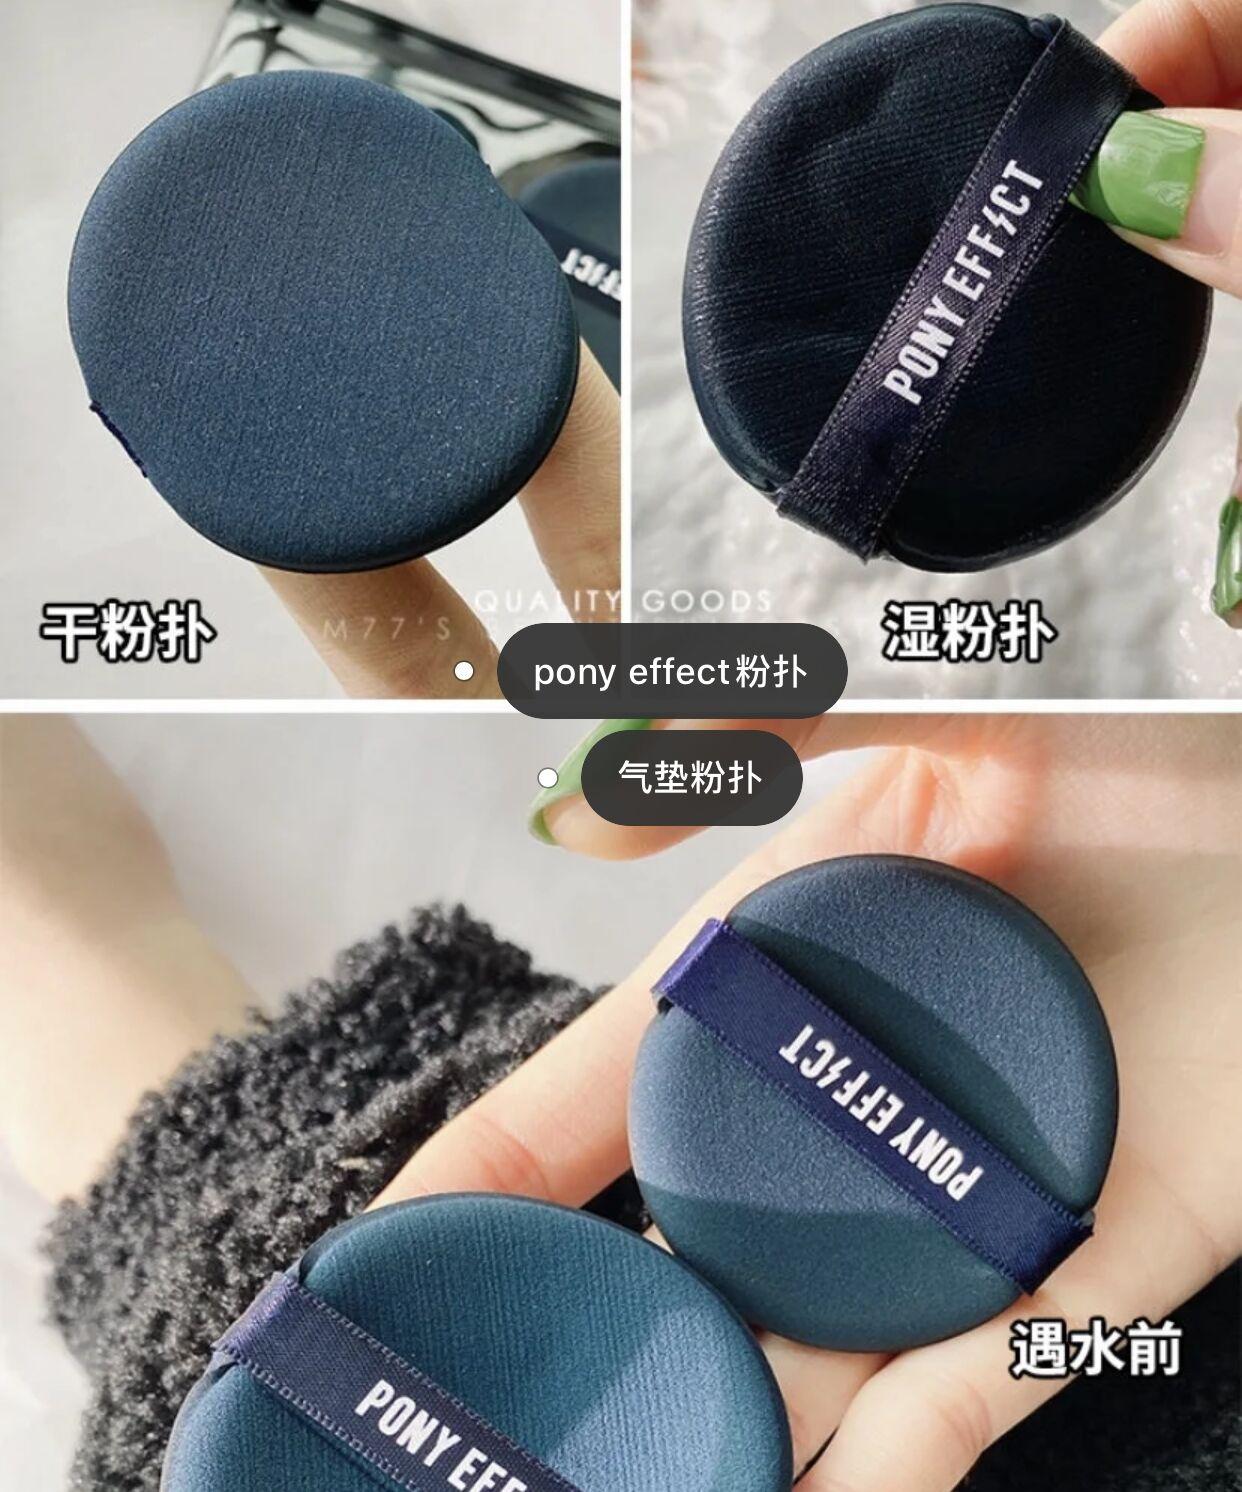 现货 PONY EFFECT化妆绵粉扑 海绵两只装干湿两用气垫粉扑美妆蛋